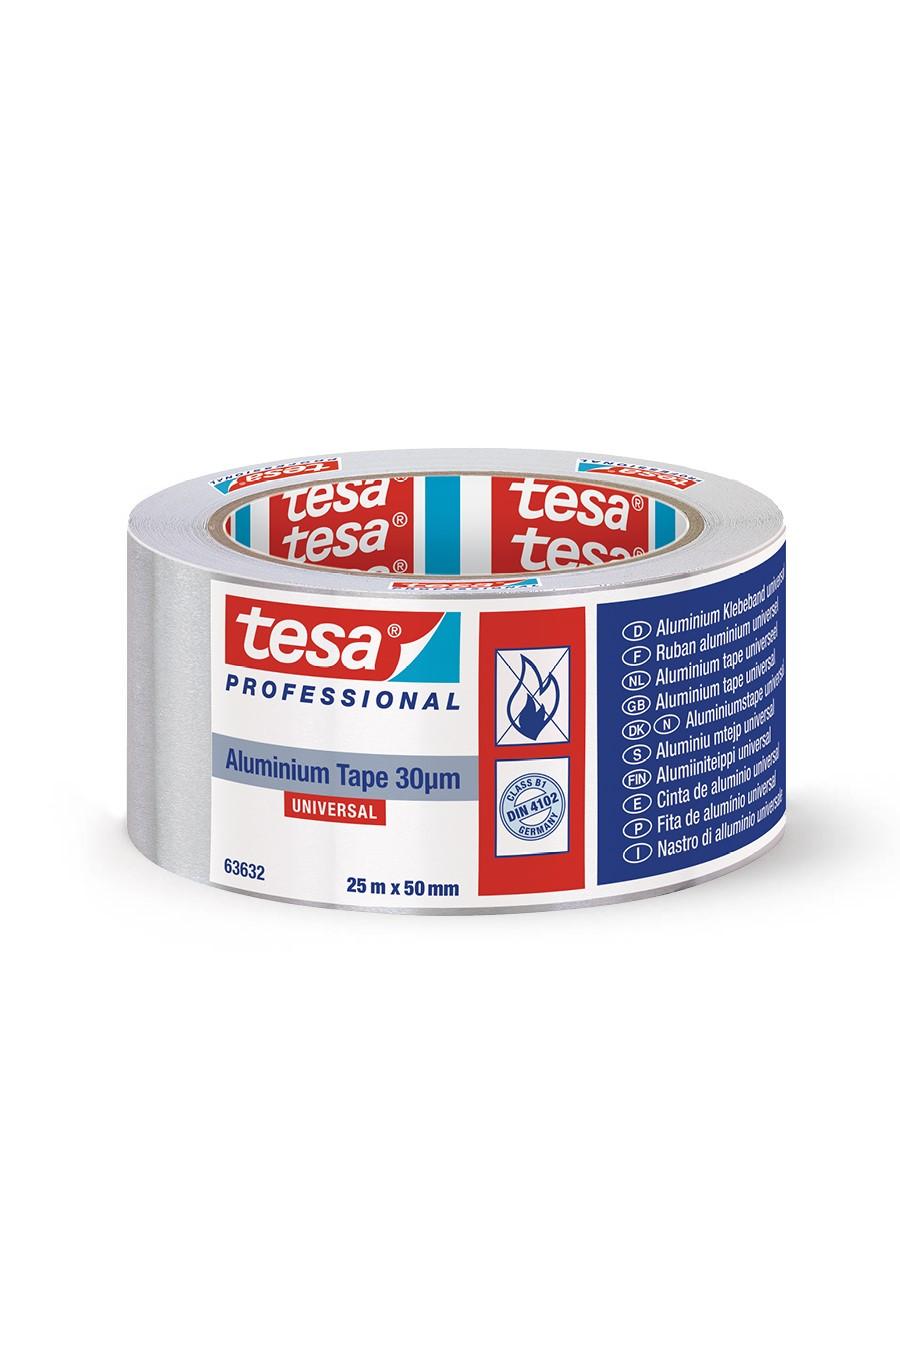 TESA 63632 - 50mm 25m Supple Aluminum Adhesive Tape